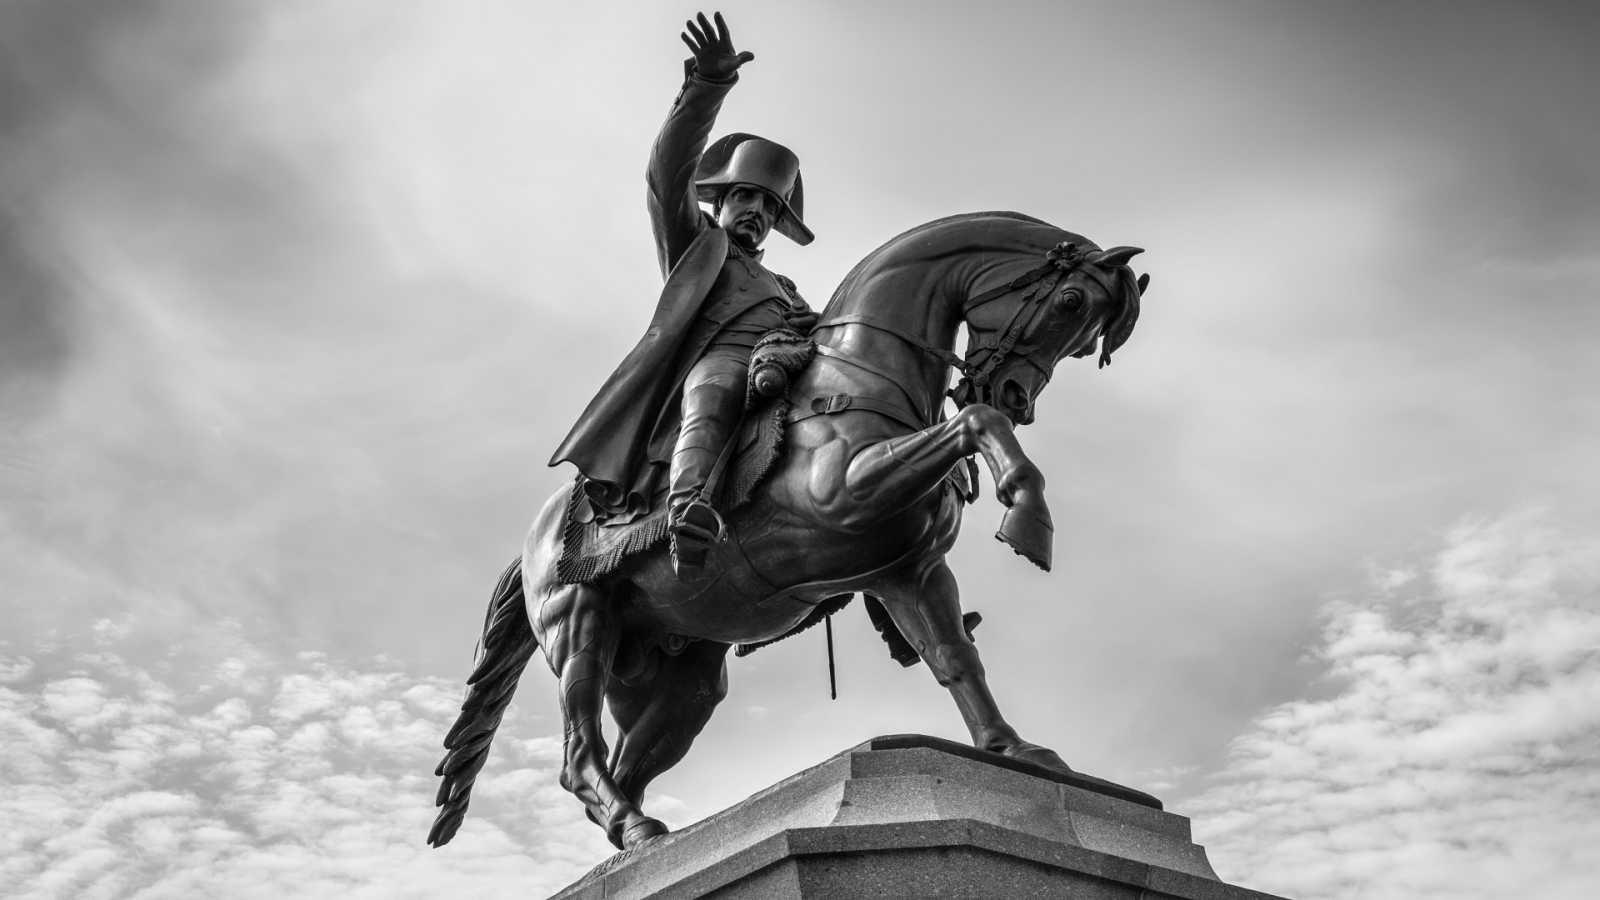 Canal Europa - Centenarios de Napoleón e Irlanda del Norte - 04/05/21 - Escuchar ahora